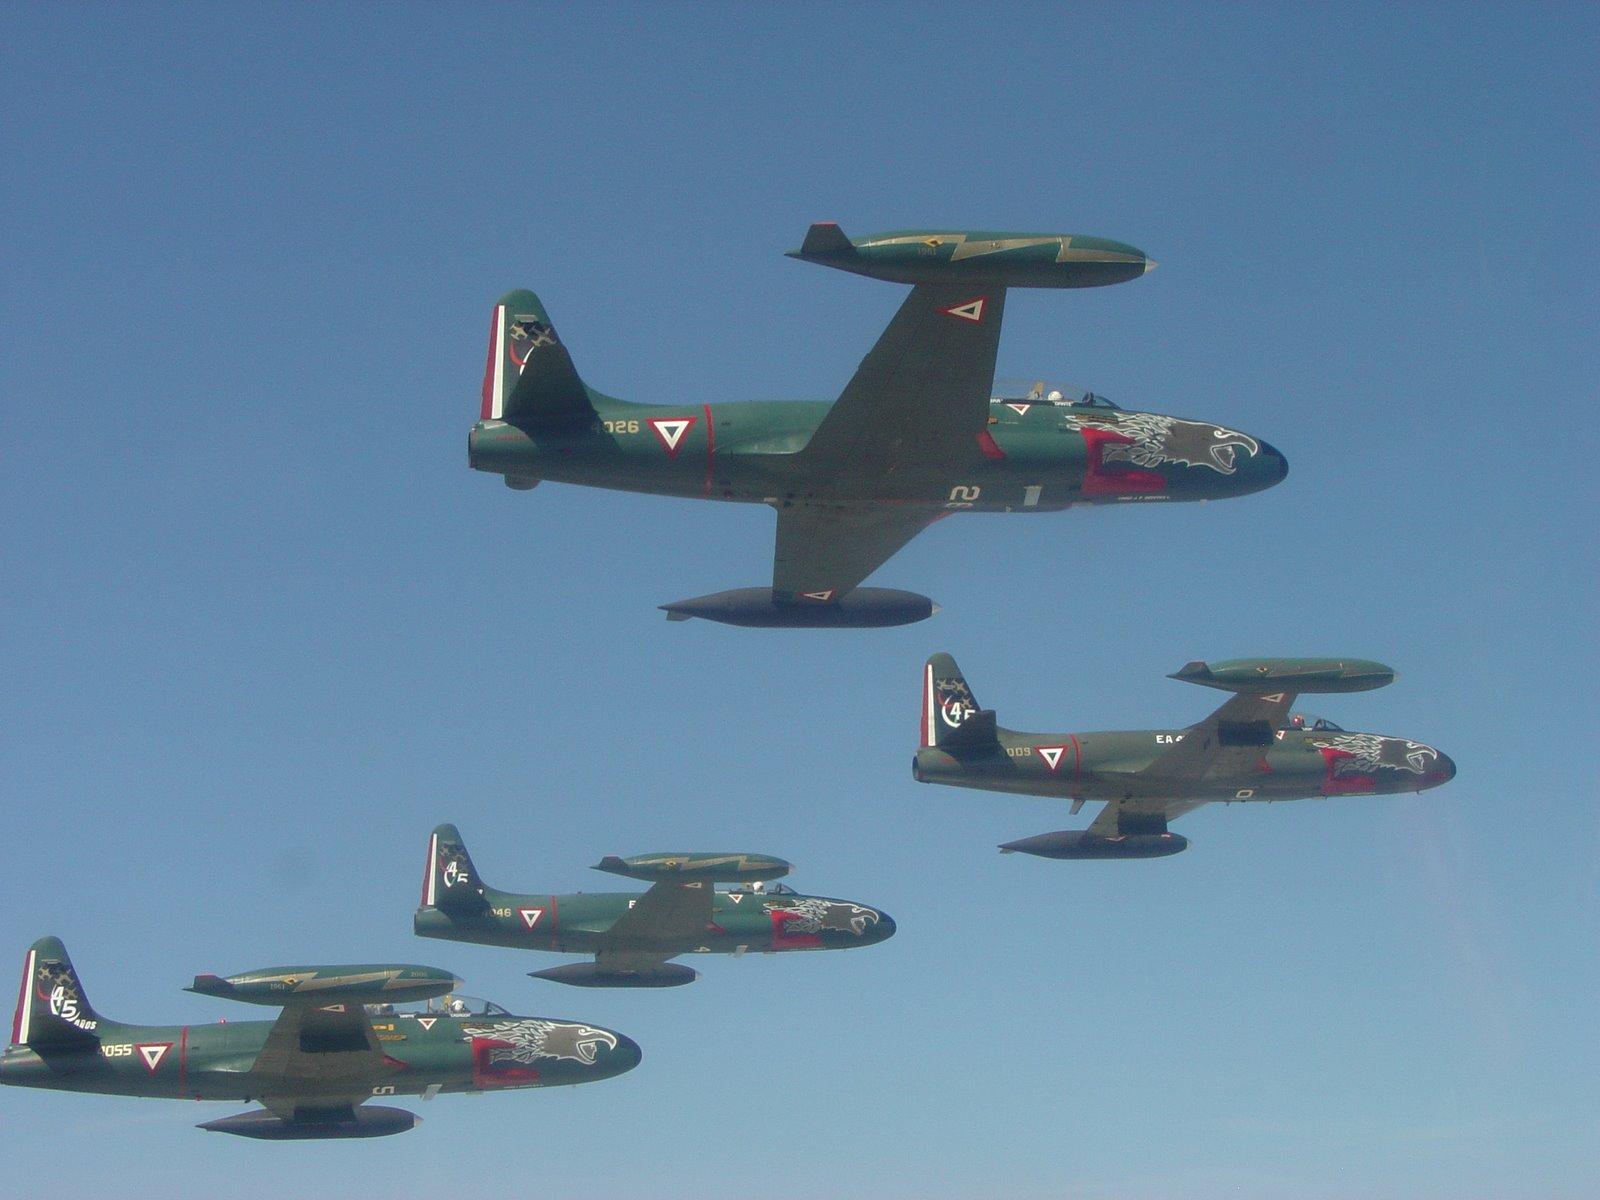 T-33 Fuerza Aerea Mexicana - Página 4 T-33+ESCUADRON+EN+VUELO